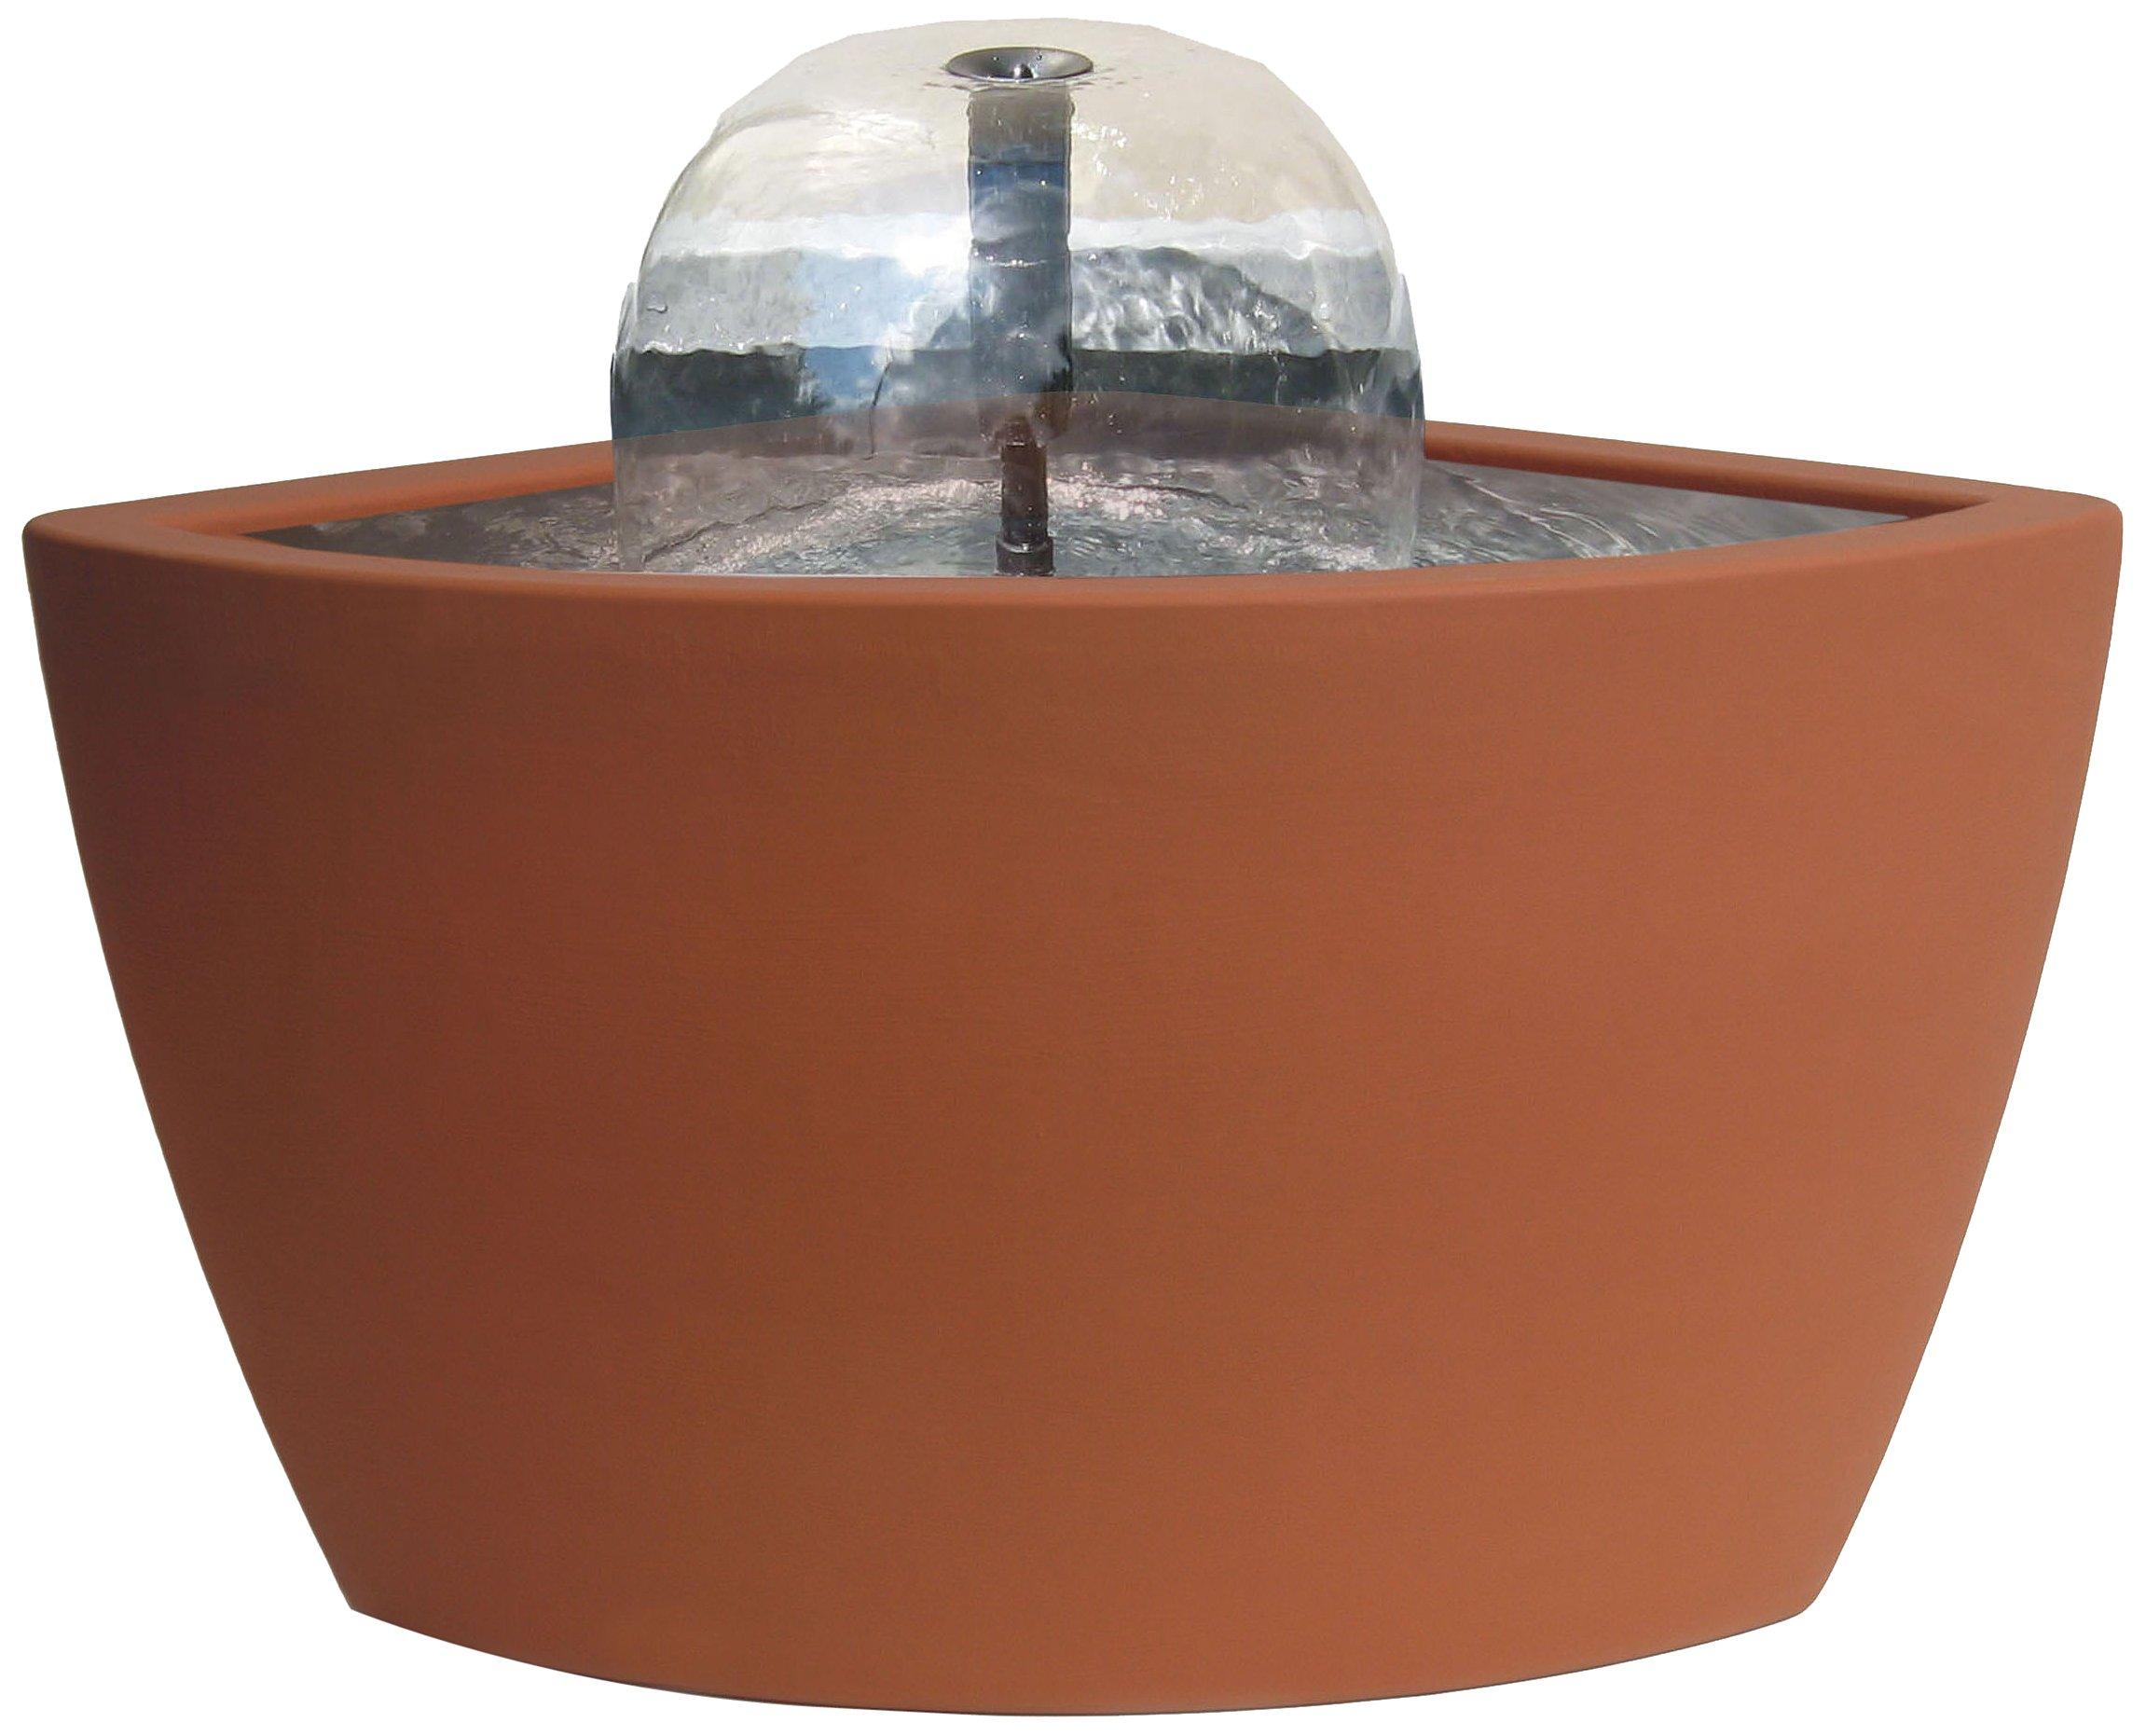 Algreen Hampton Contemporary Terra Cotta Water Feature and Pond, 35-Gallon